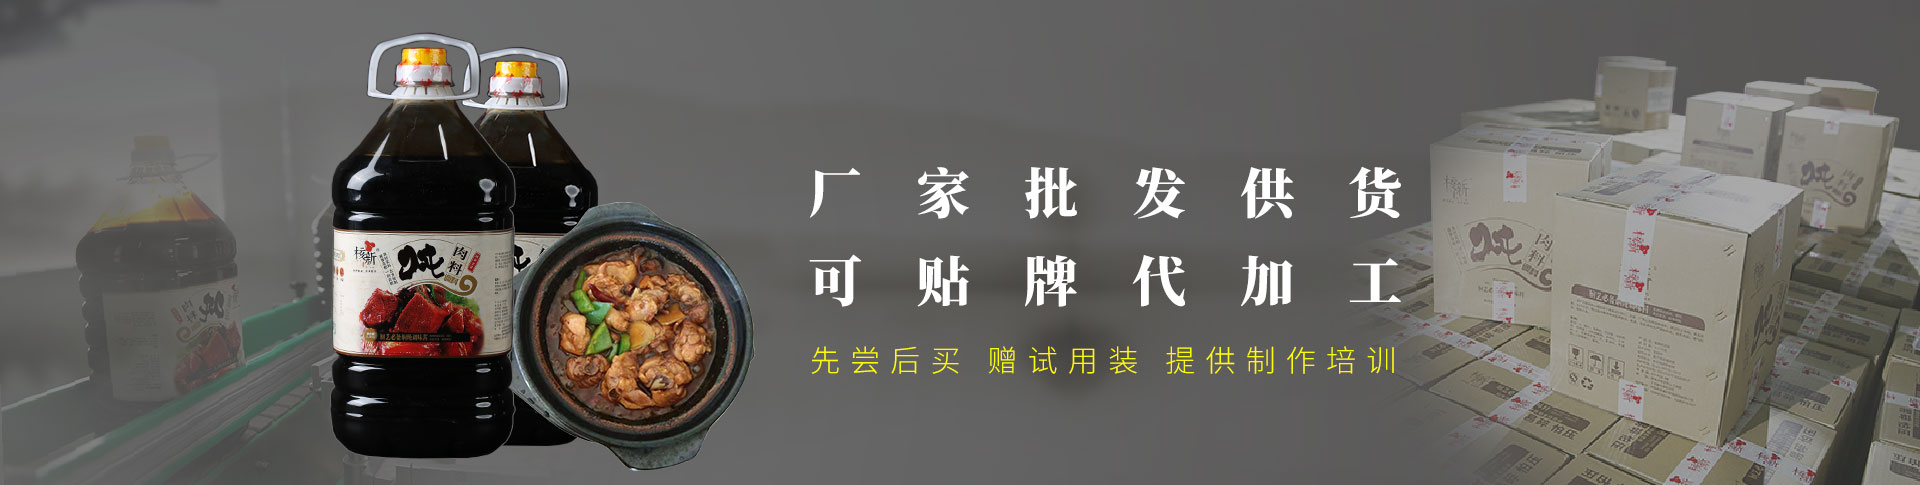 南京开家黄焖鸡米饭利润有多少